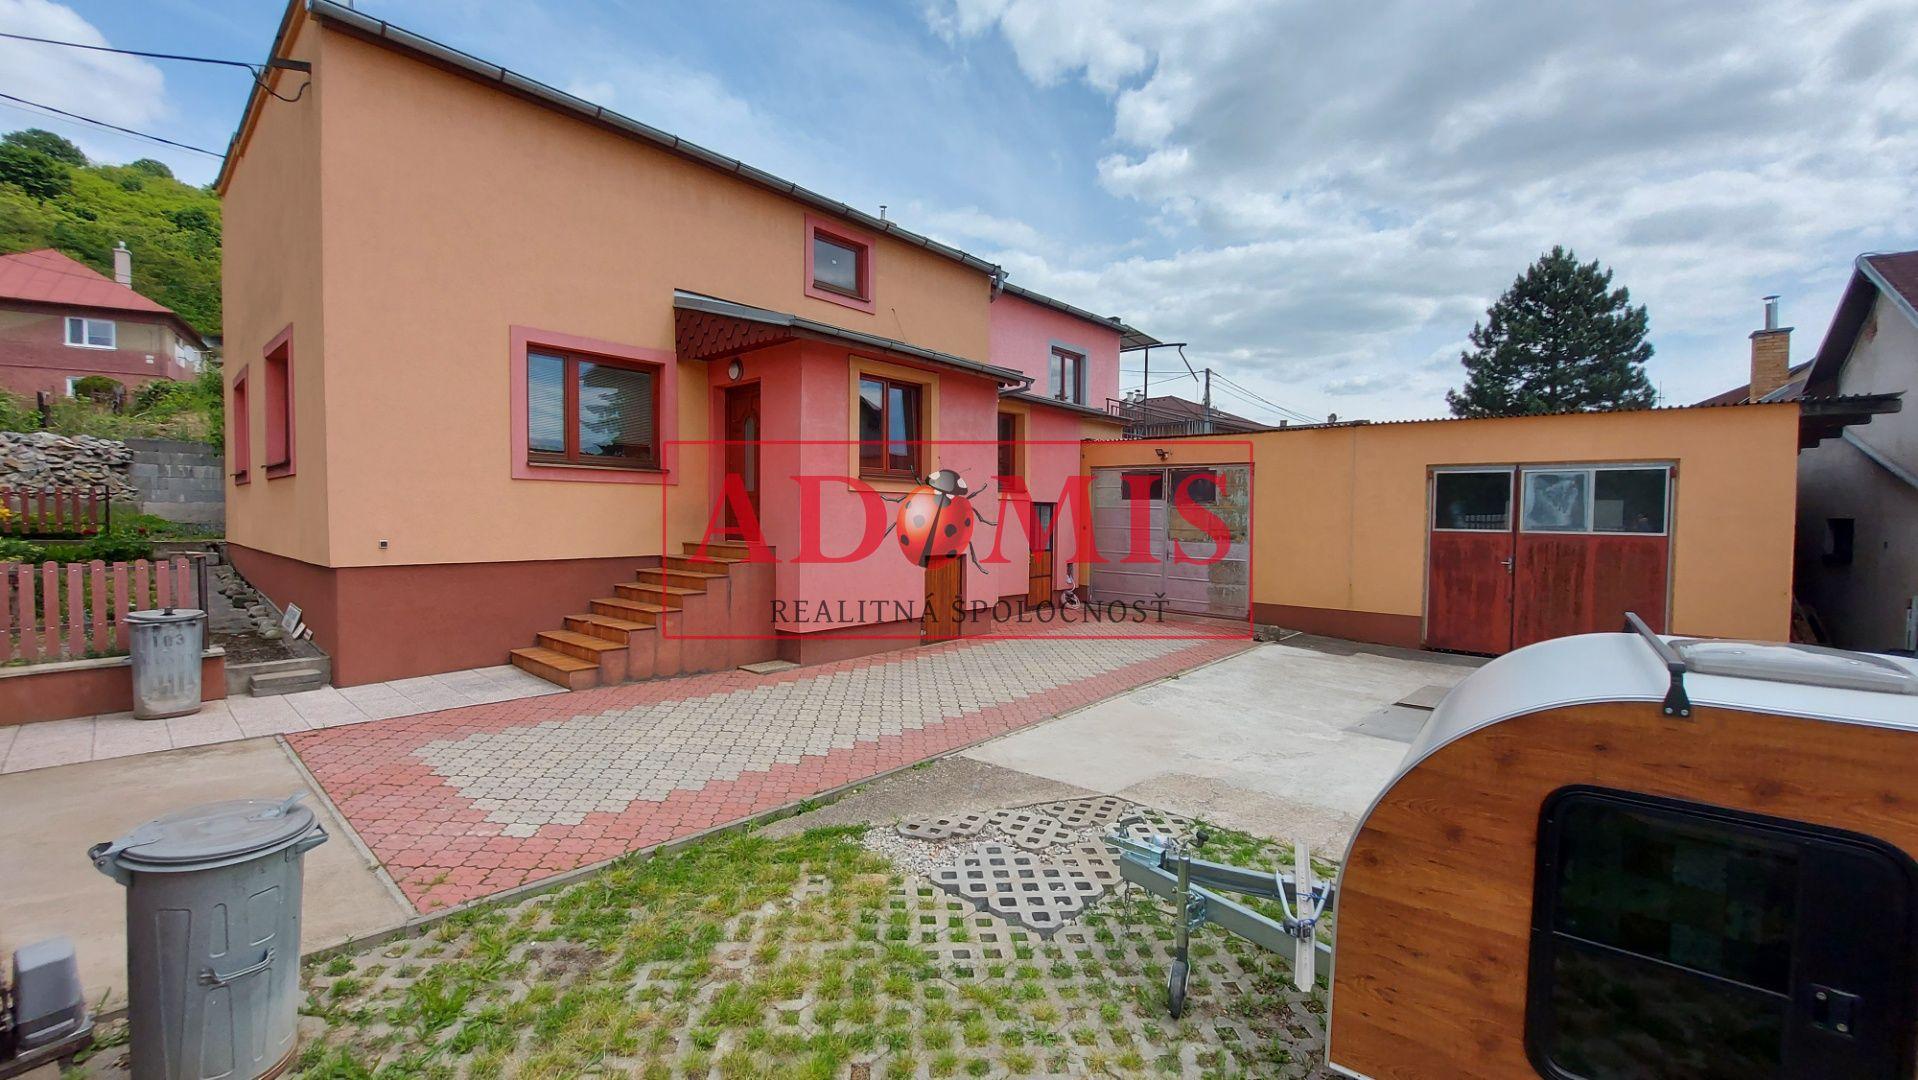 ADOMIS - Predám rodinný dom 2.podlažný, 740m2, 2 samostatné vchody,veľká garáž 2x, Jačmenná ulica Košice, mestská časť Vyšné Opátske